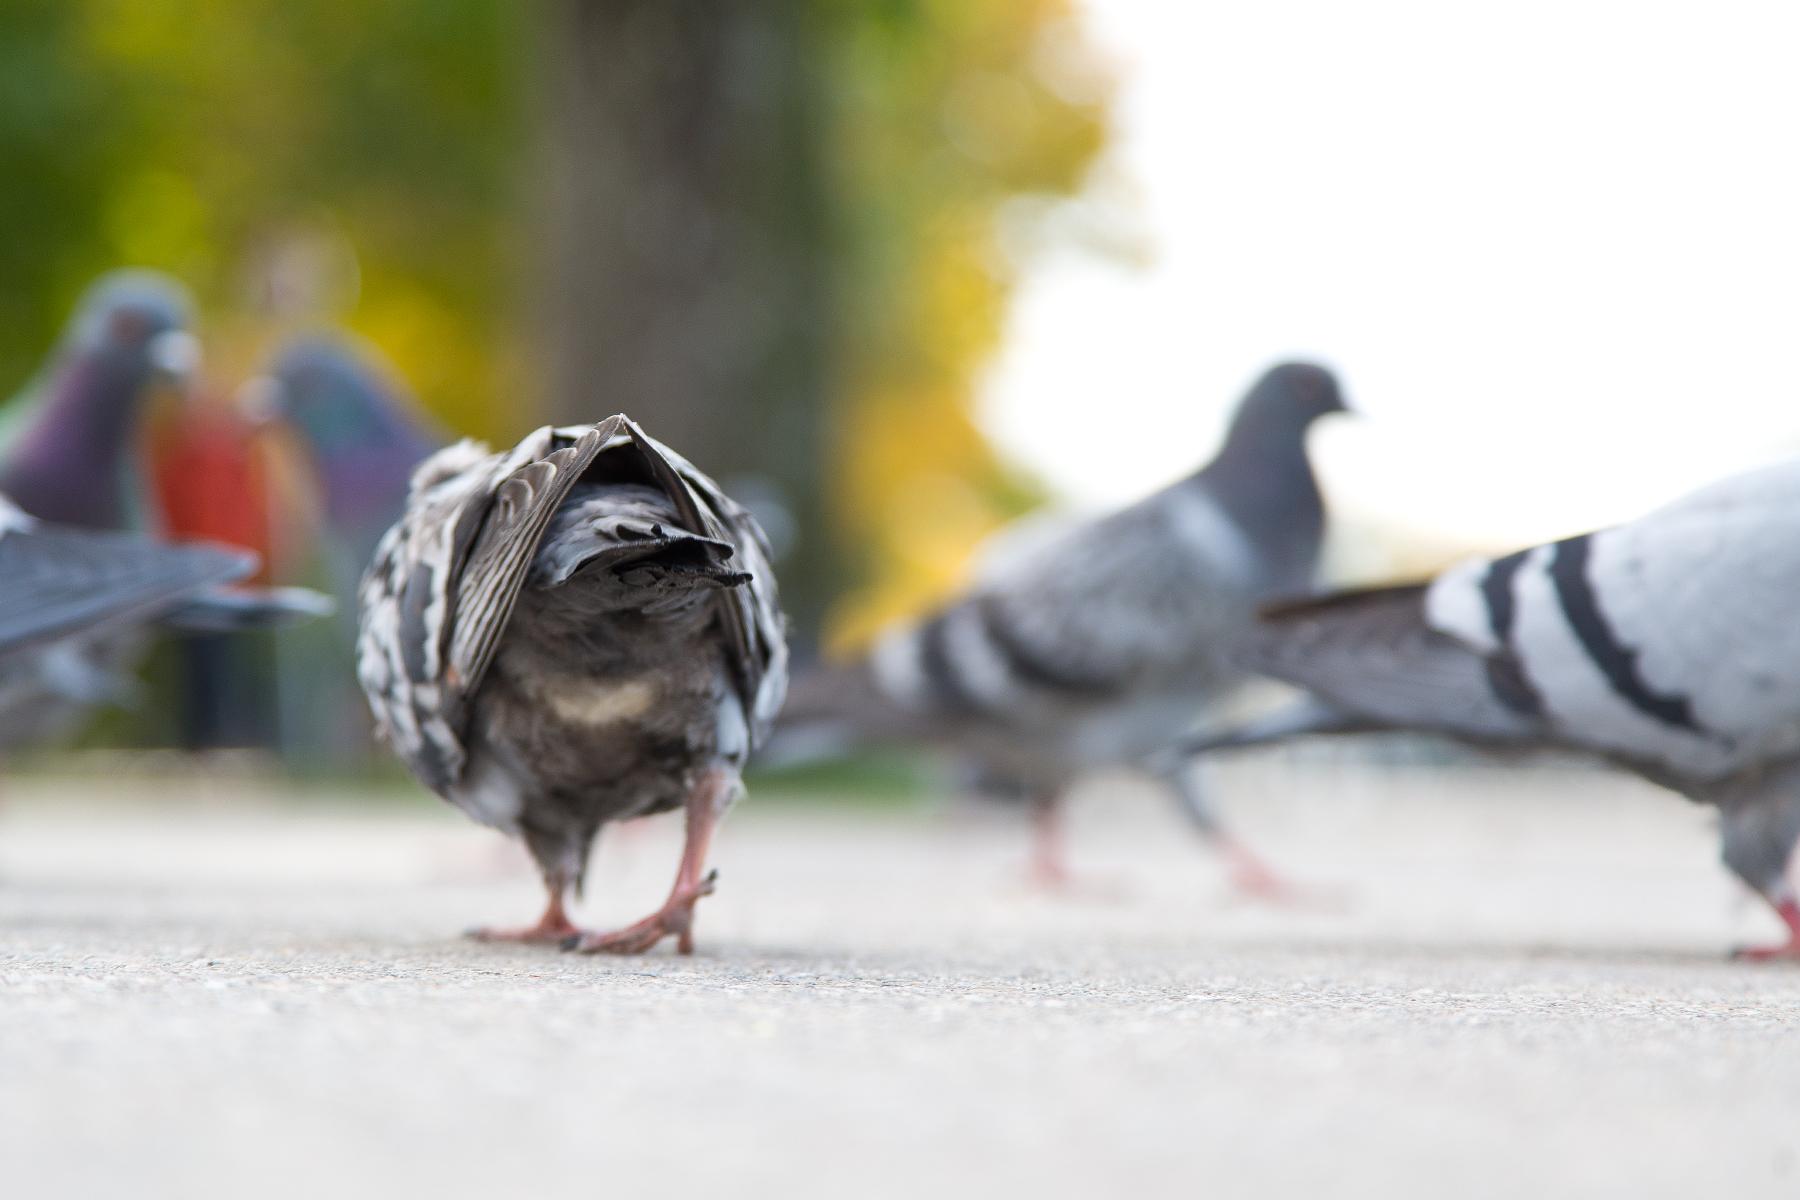 Taube von hinten